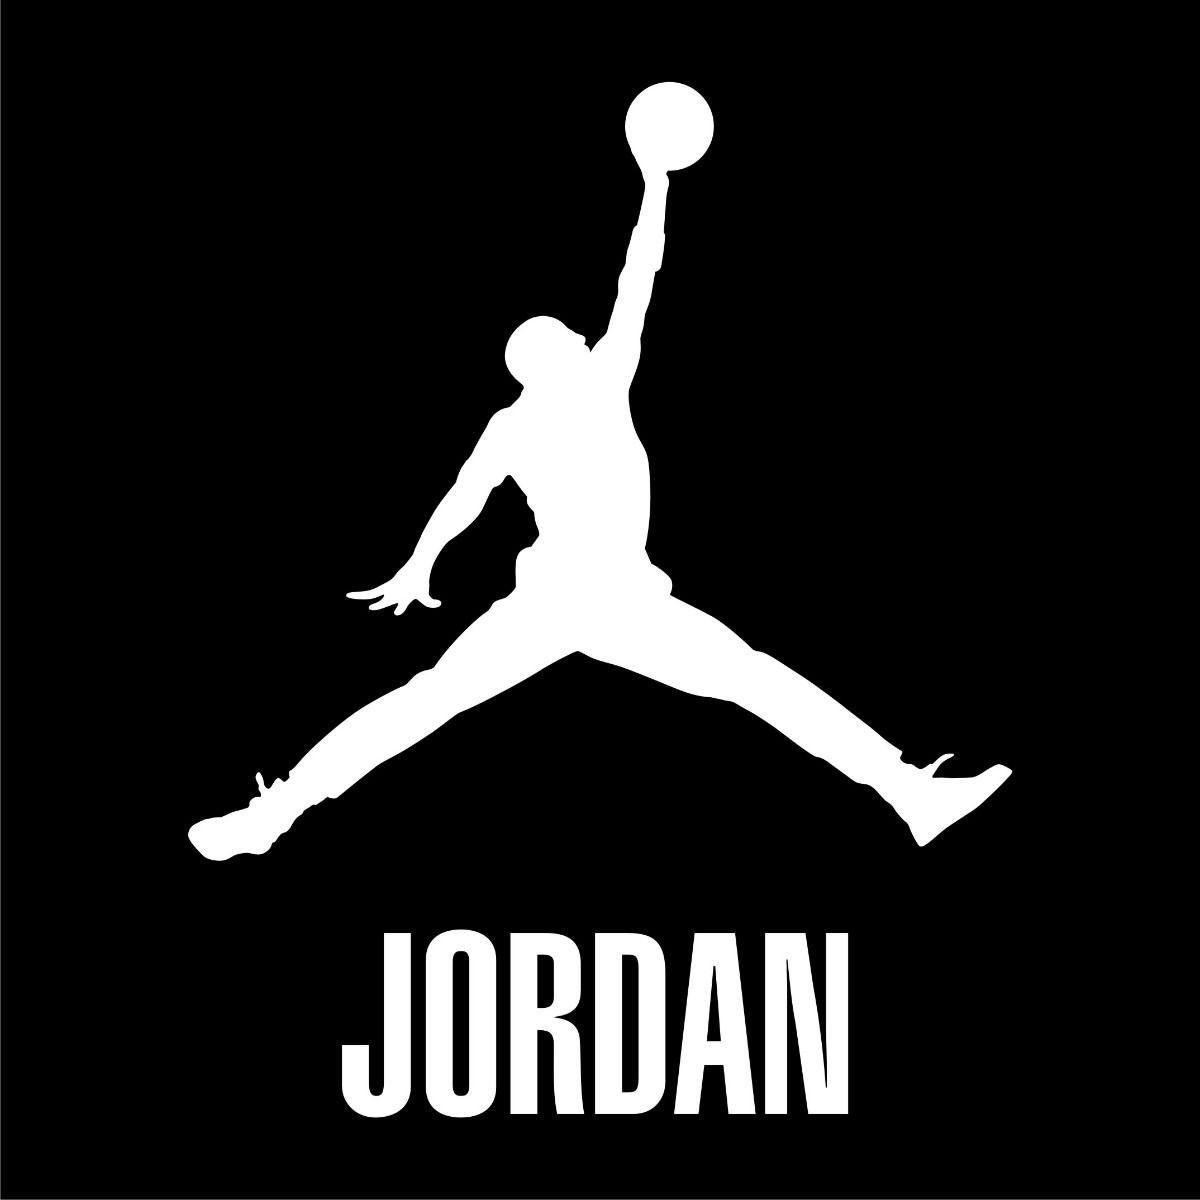 Air Jordan - logo